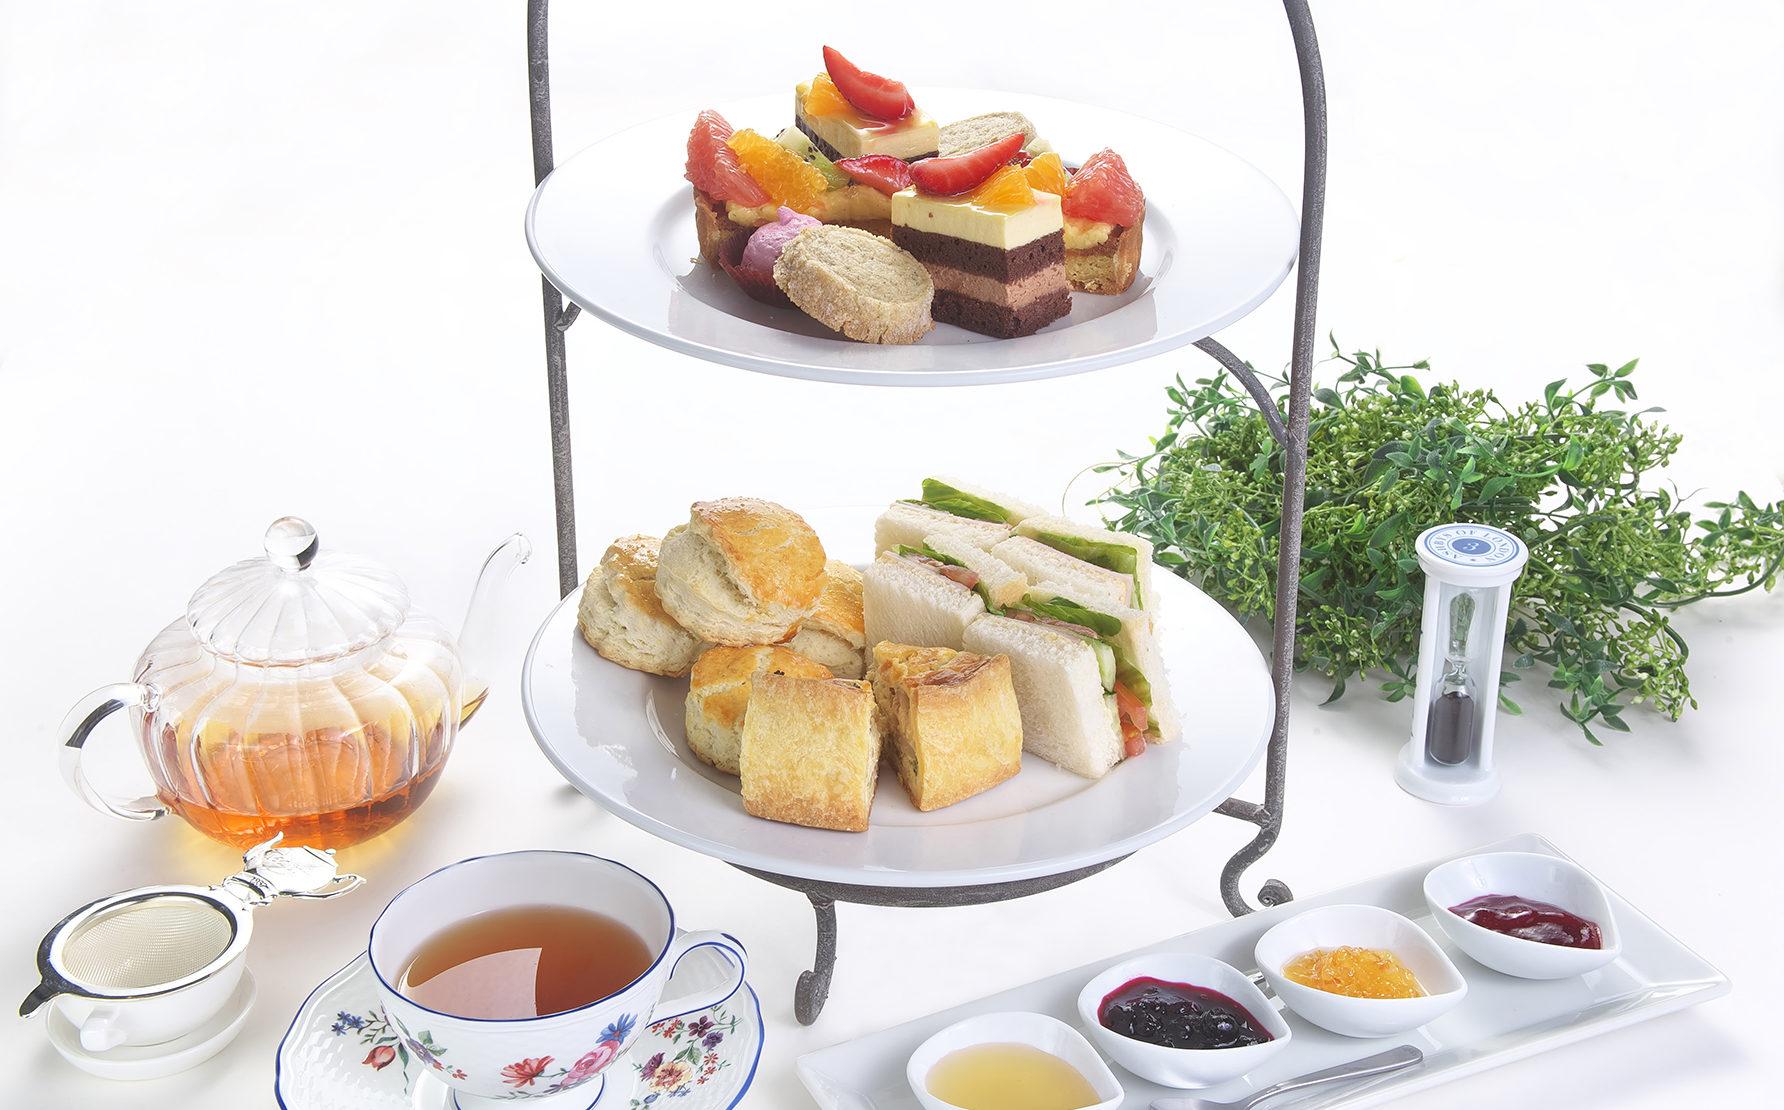 ビブリで味わう紅茶と菓子・軽食を楽しむ優雅なお茶会。